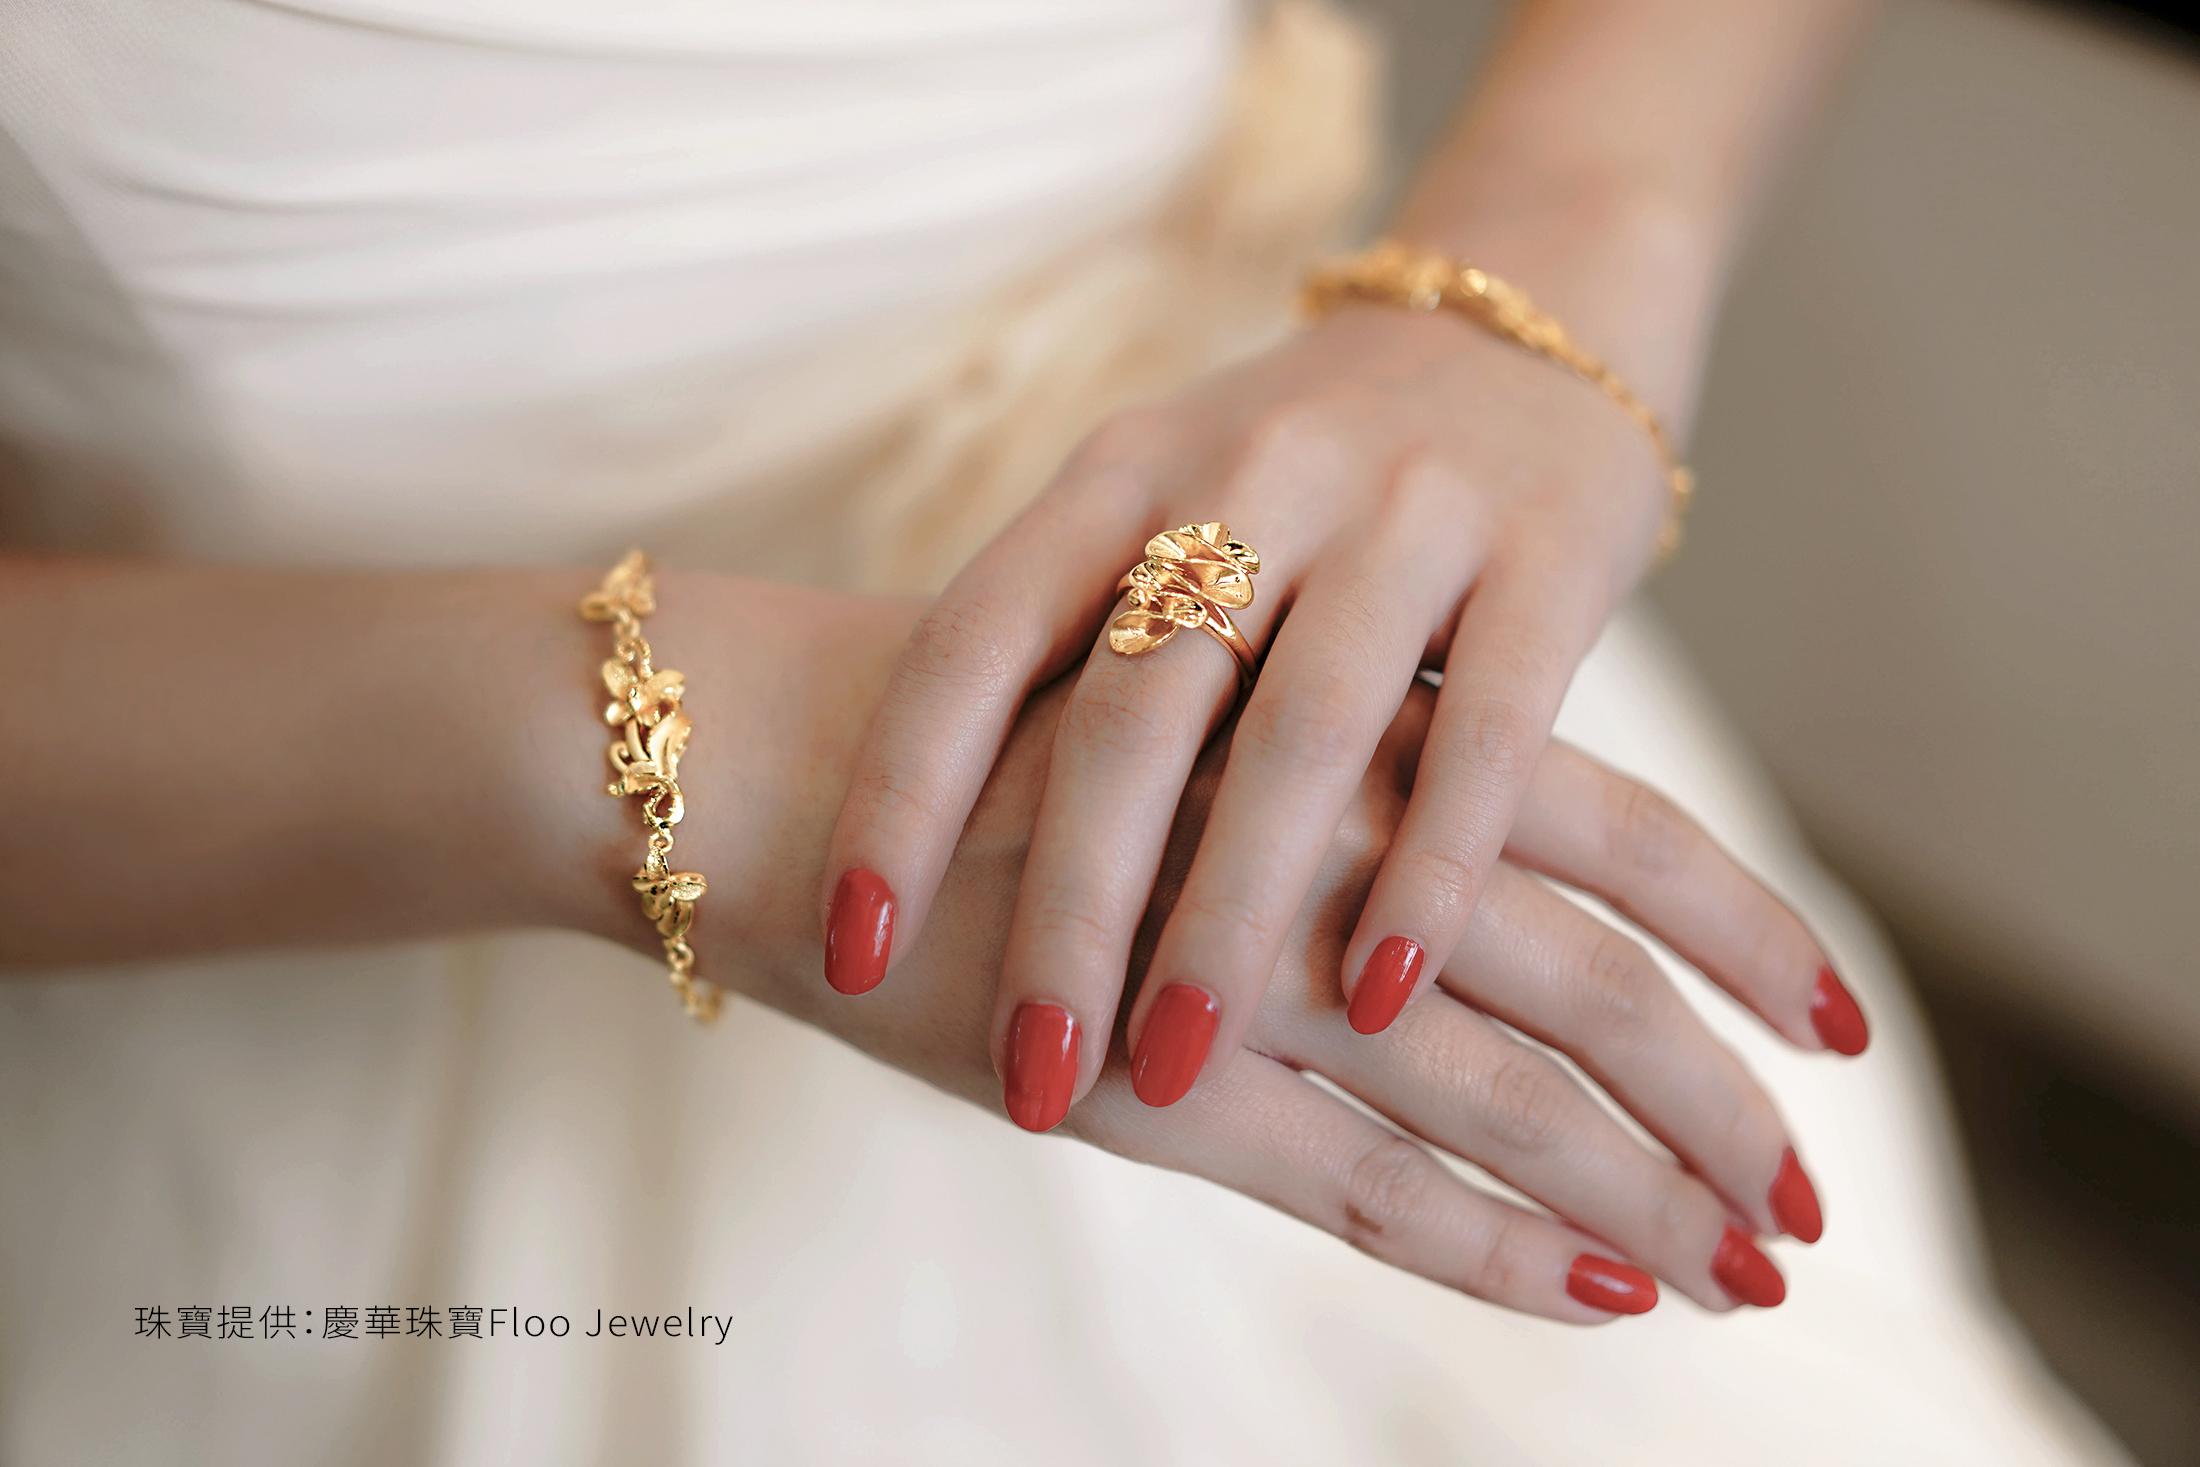 鑽石婚戒,,,,,,, - 慶華珠寶FlooJewelry 作品瀏覽